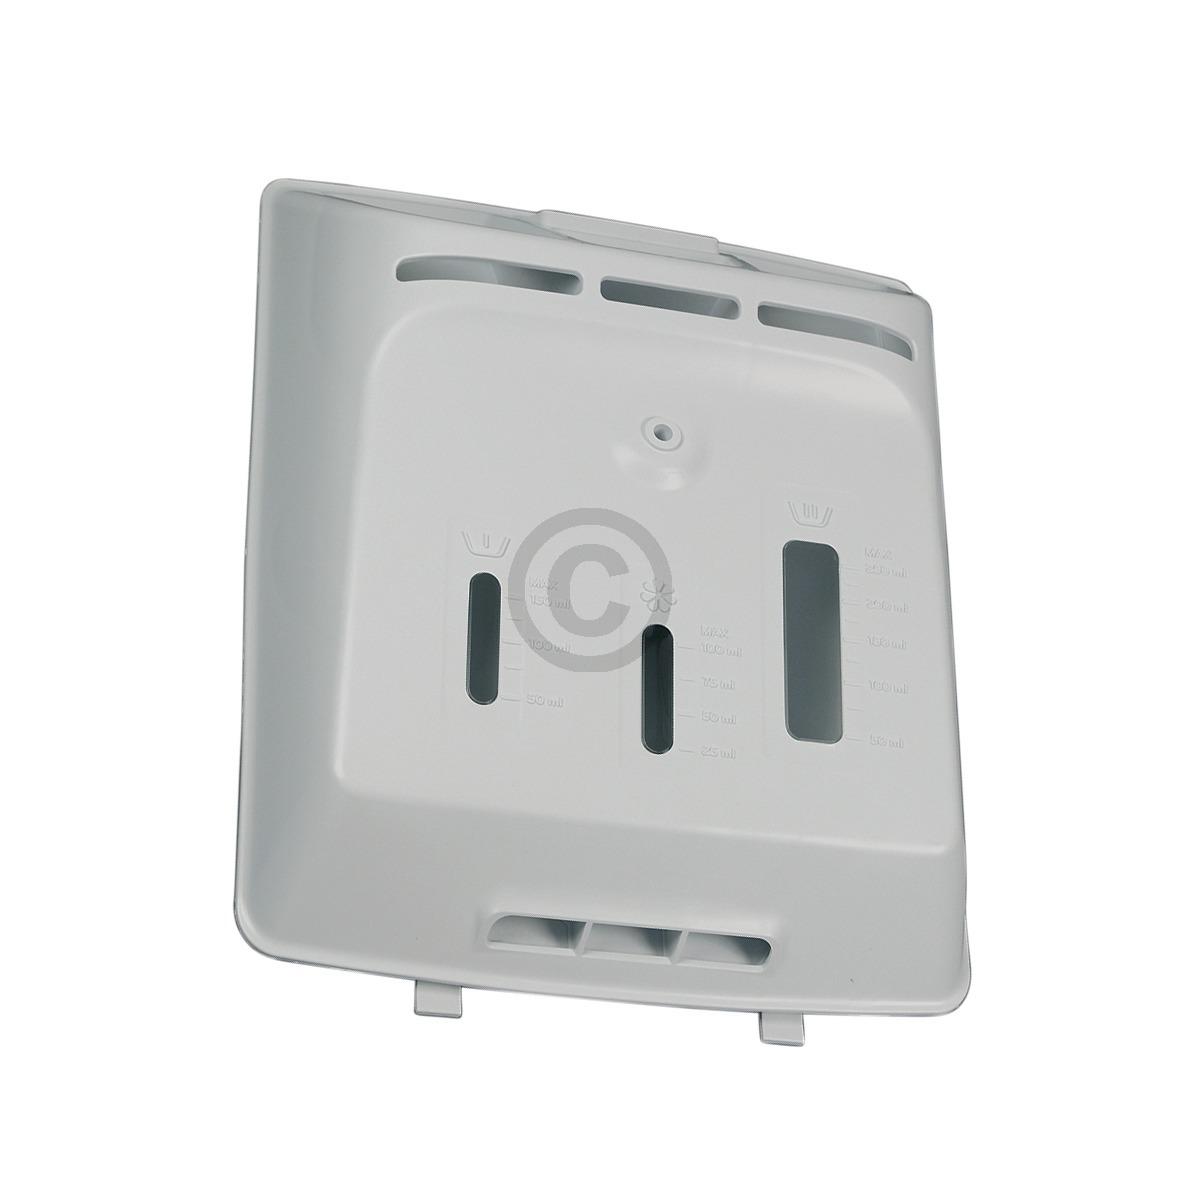 Waschmitteleinspülschale komplett 481010424468 Bauknecht, Whirlpool, Ikea